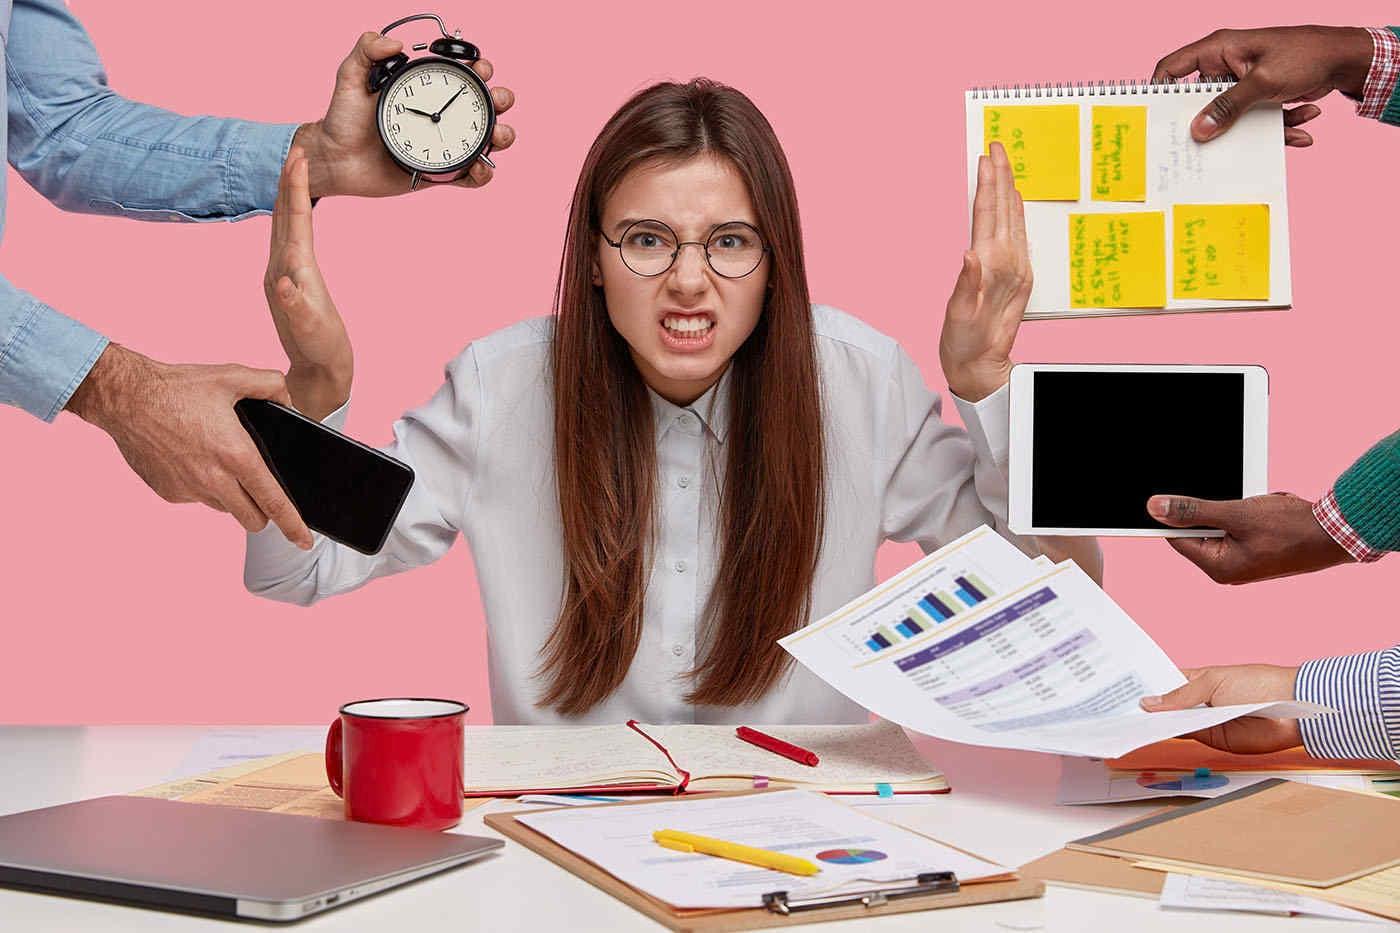 Ești workaholic? Atenție la sănătatea mentală!